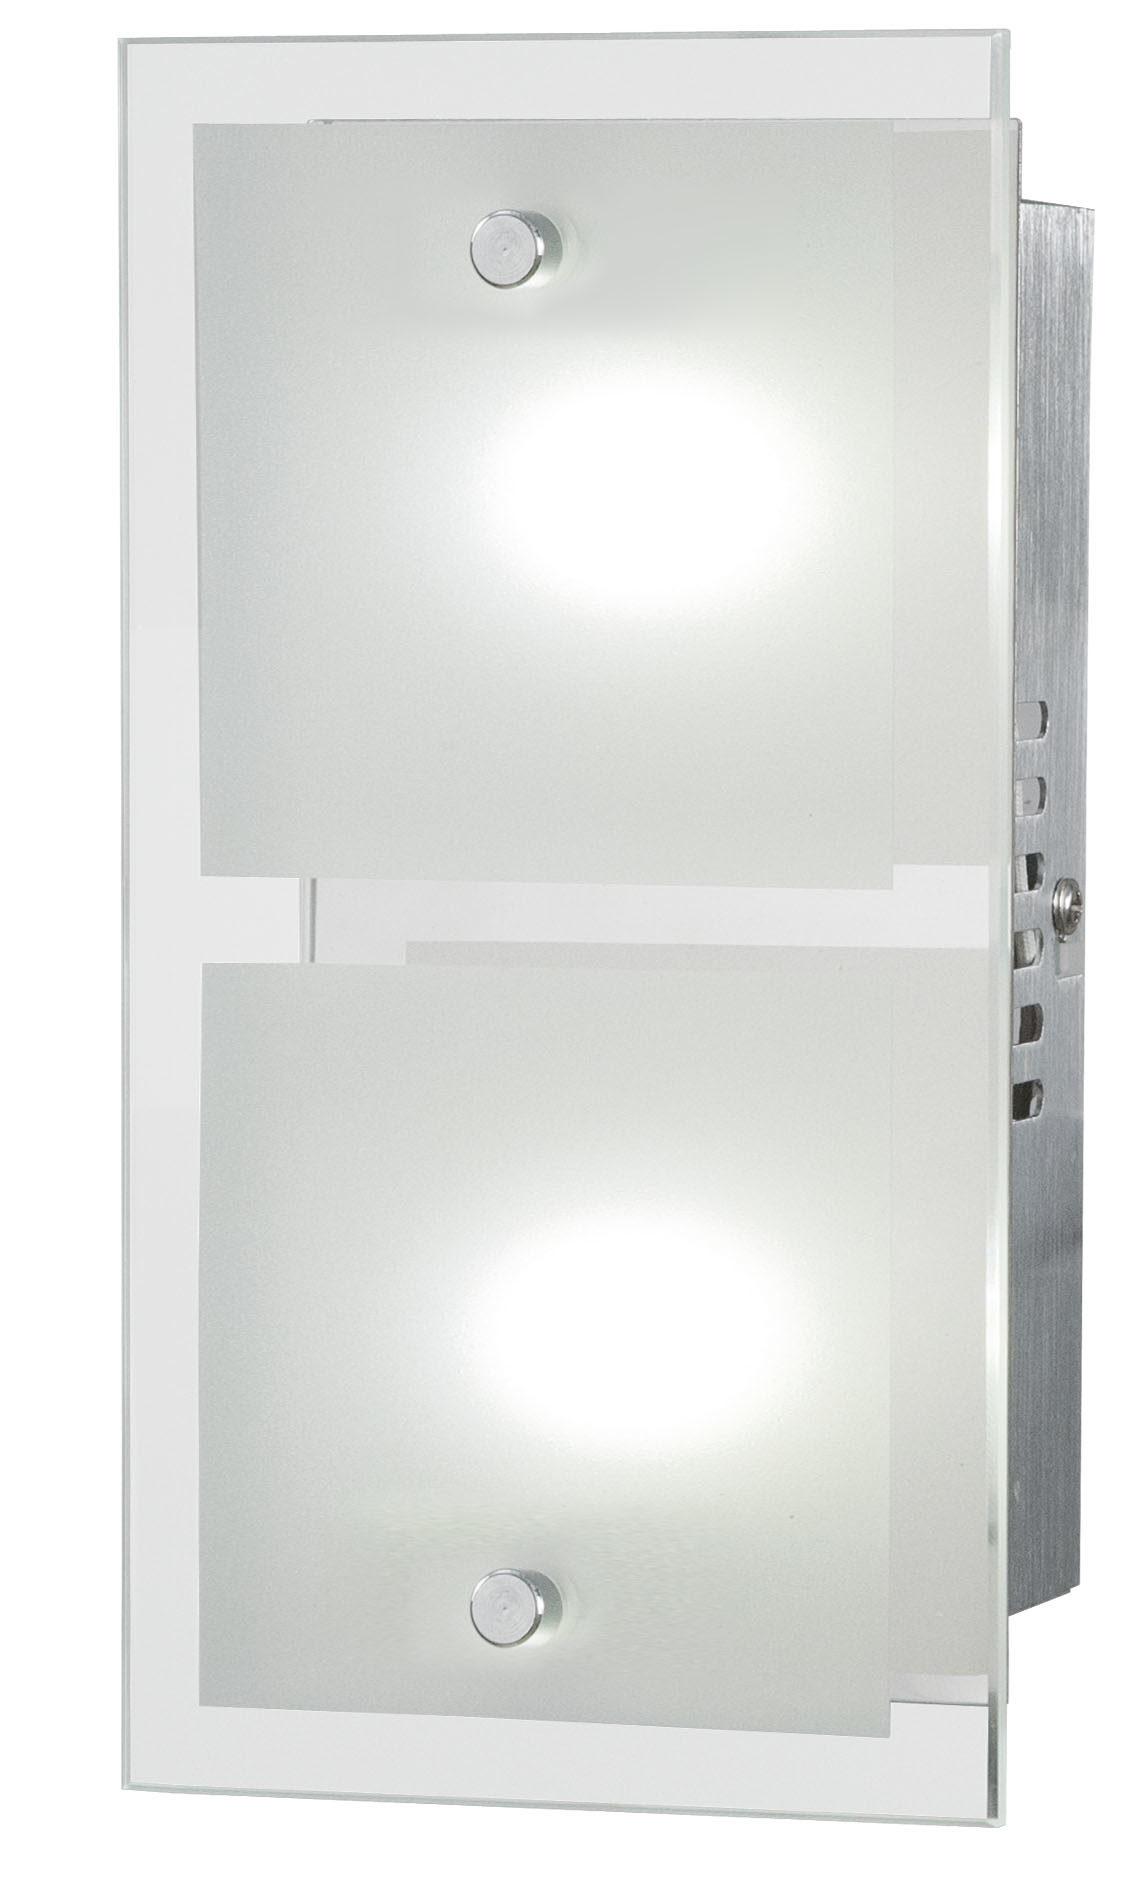 Raeume-Schlafzimmer-Lampen-und-Leuchten-Wandleuchte-Esto-aus-Glas-Metall-in-Weiss-ESTO-LED-Wand-und-Deckenleuchte-Kendo-Chrom-und-teilsatiniertes-Glas-zweiflammig-Breite-ca-25-cm-guenstiger Stilvolle Lampen In Der Wand Dekorationen